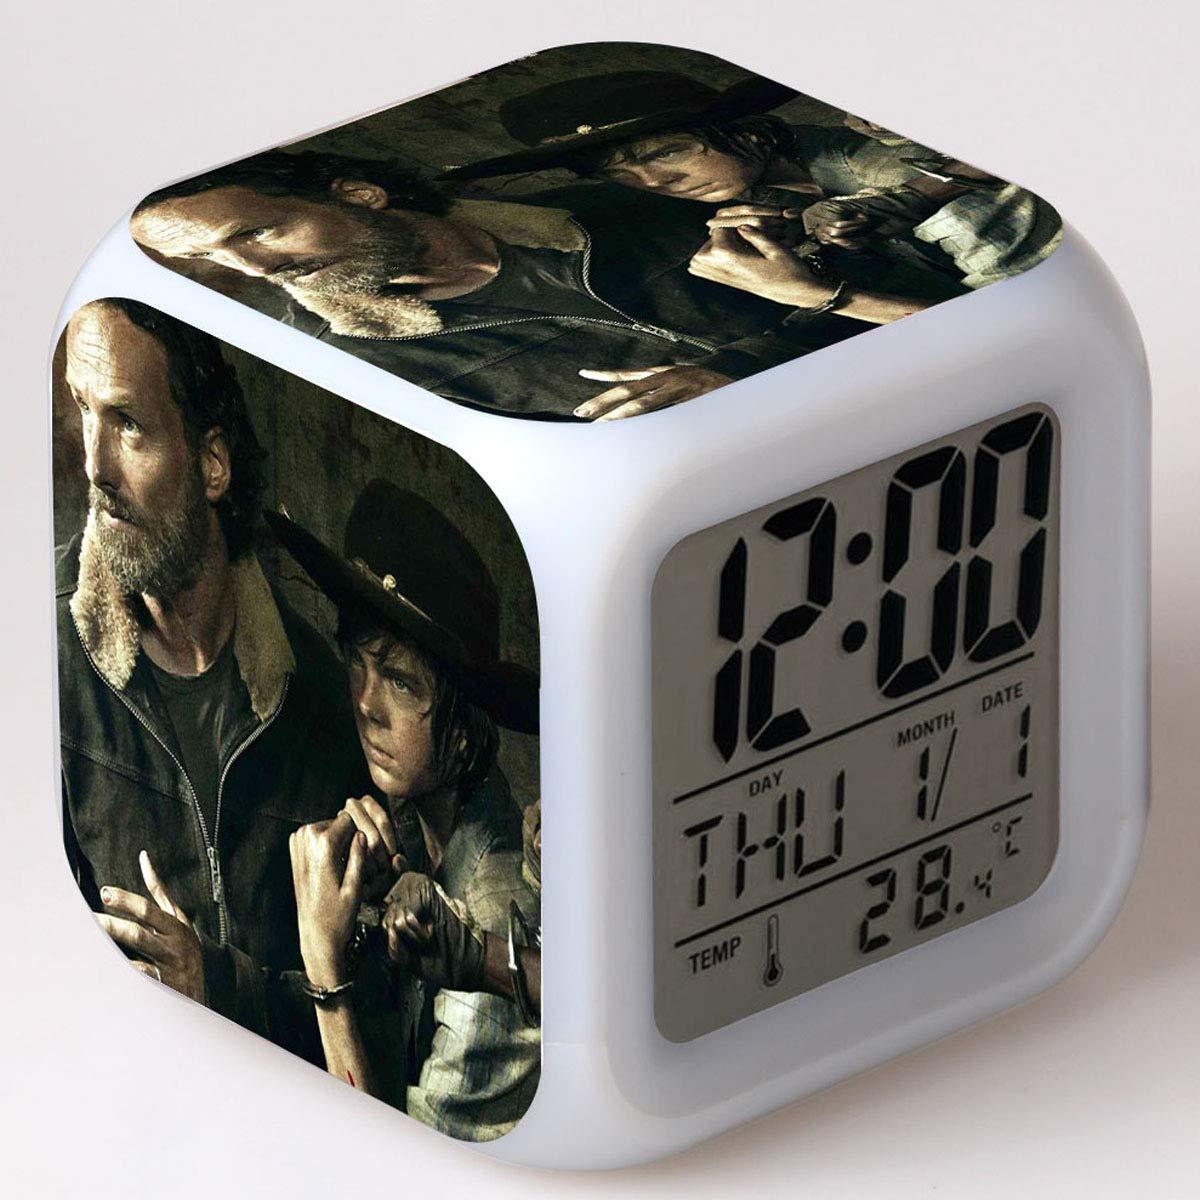 HHKX100822 Le R/éveil Walking Dead Mise sur Lhumeur LED Petit R/éveil 01